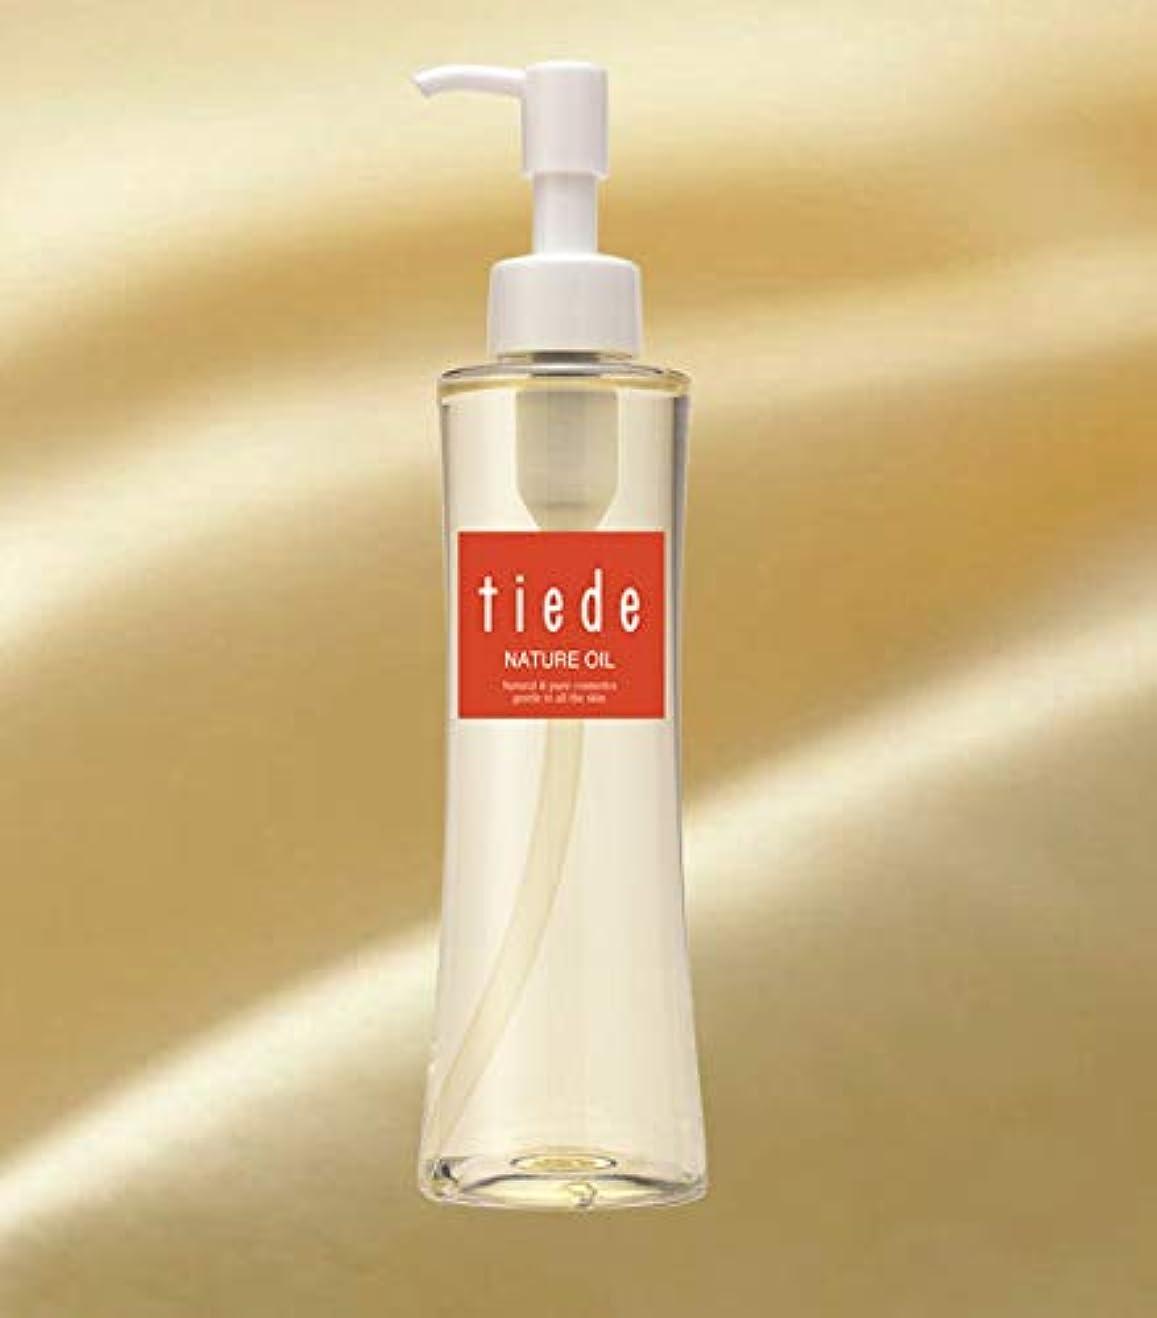 本物のけがをするぬれたティエード ナテュールオイル (200mL) Tiede Natural Oil